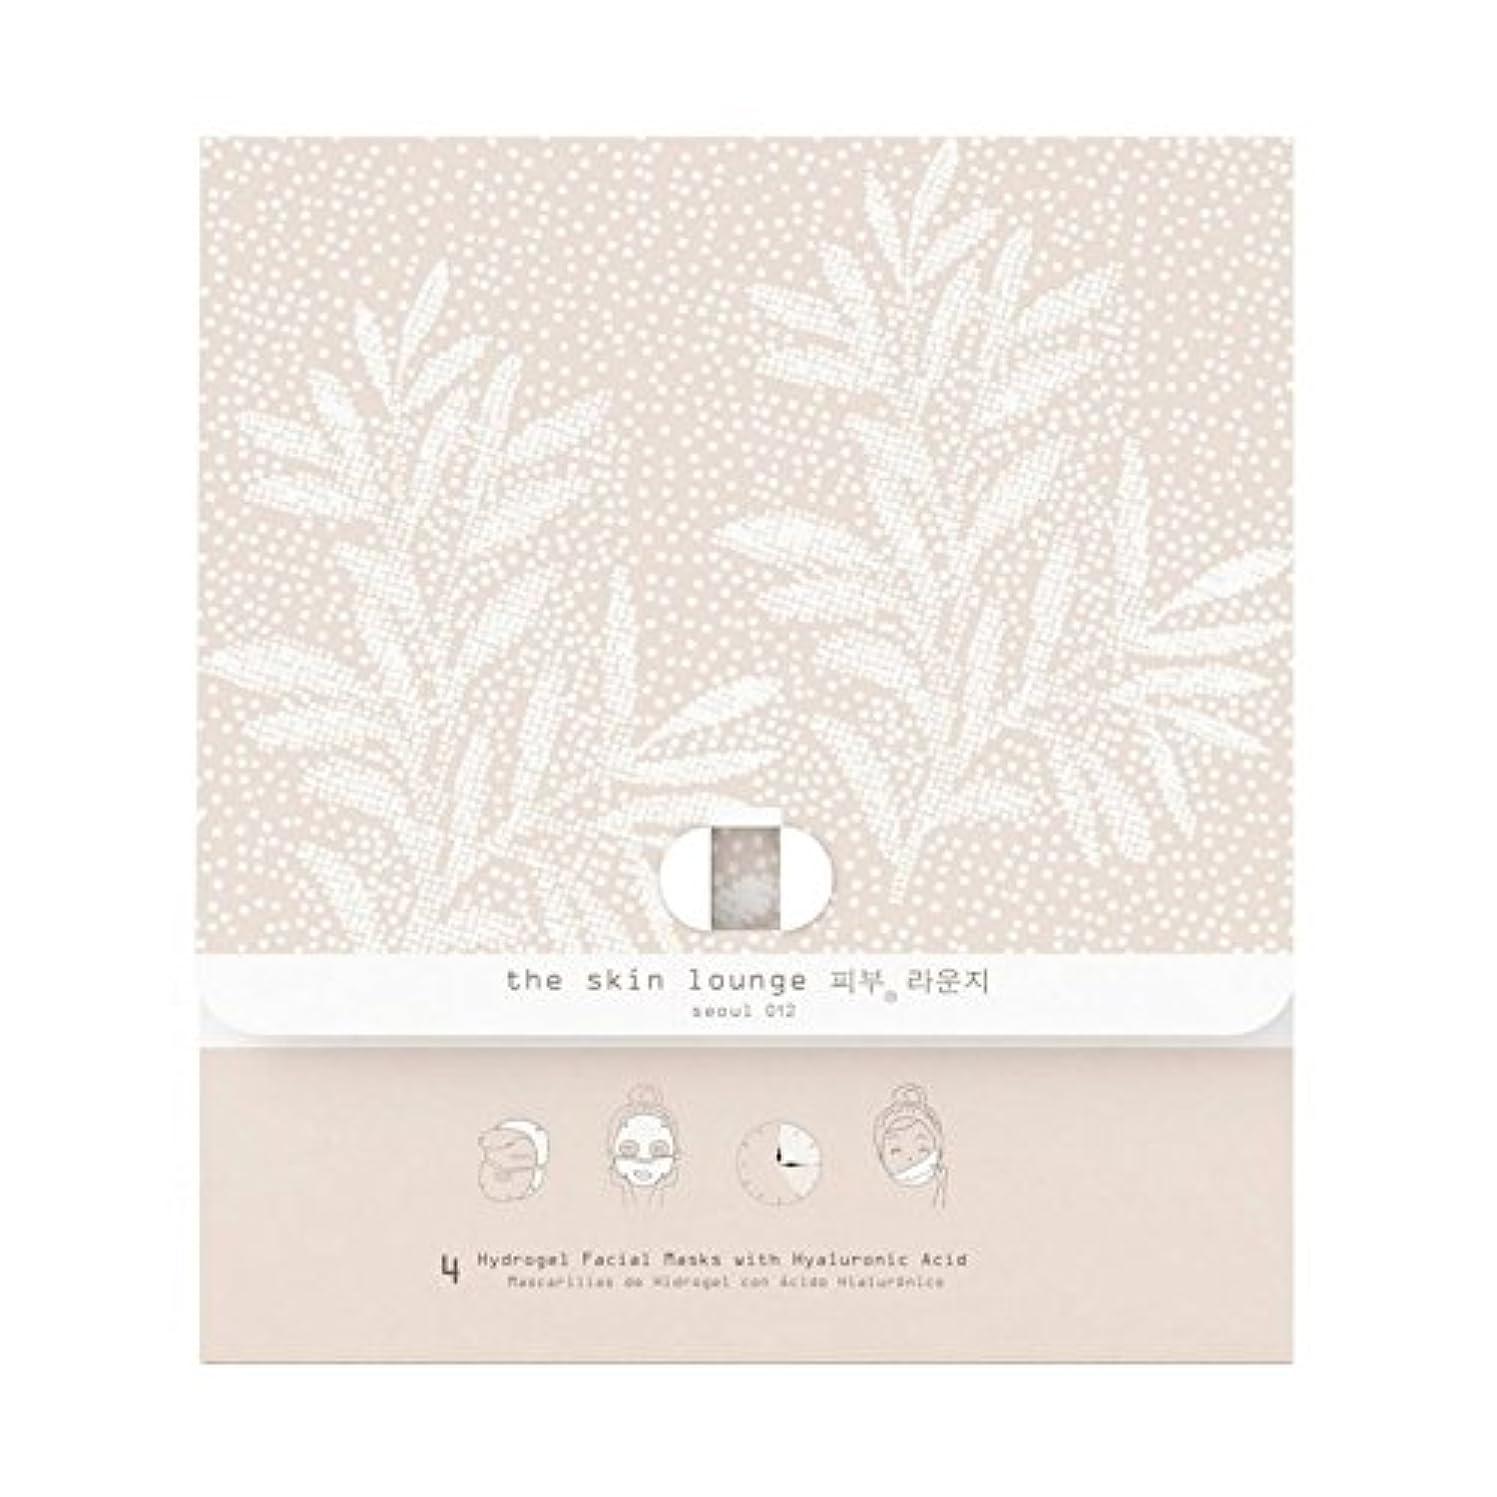 書店で出来ているお気に入り4の皮膚ラウンジヒドロゲルヘクタールパック x4 - The Skin Lounge Hydrogel HA Pack of 4 (Pack of 4) [並行輸入品]